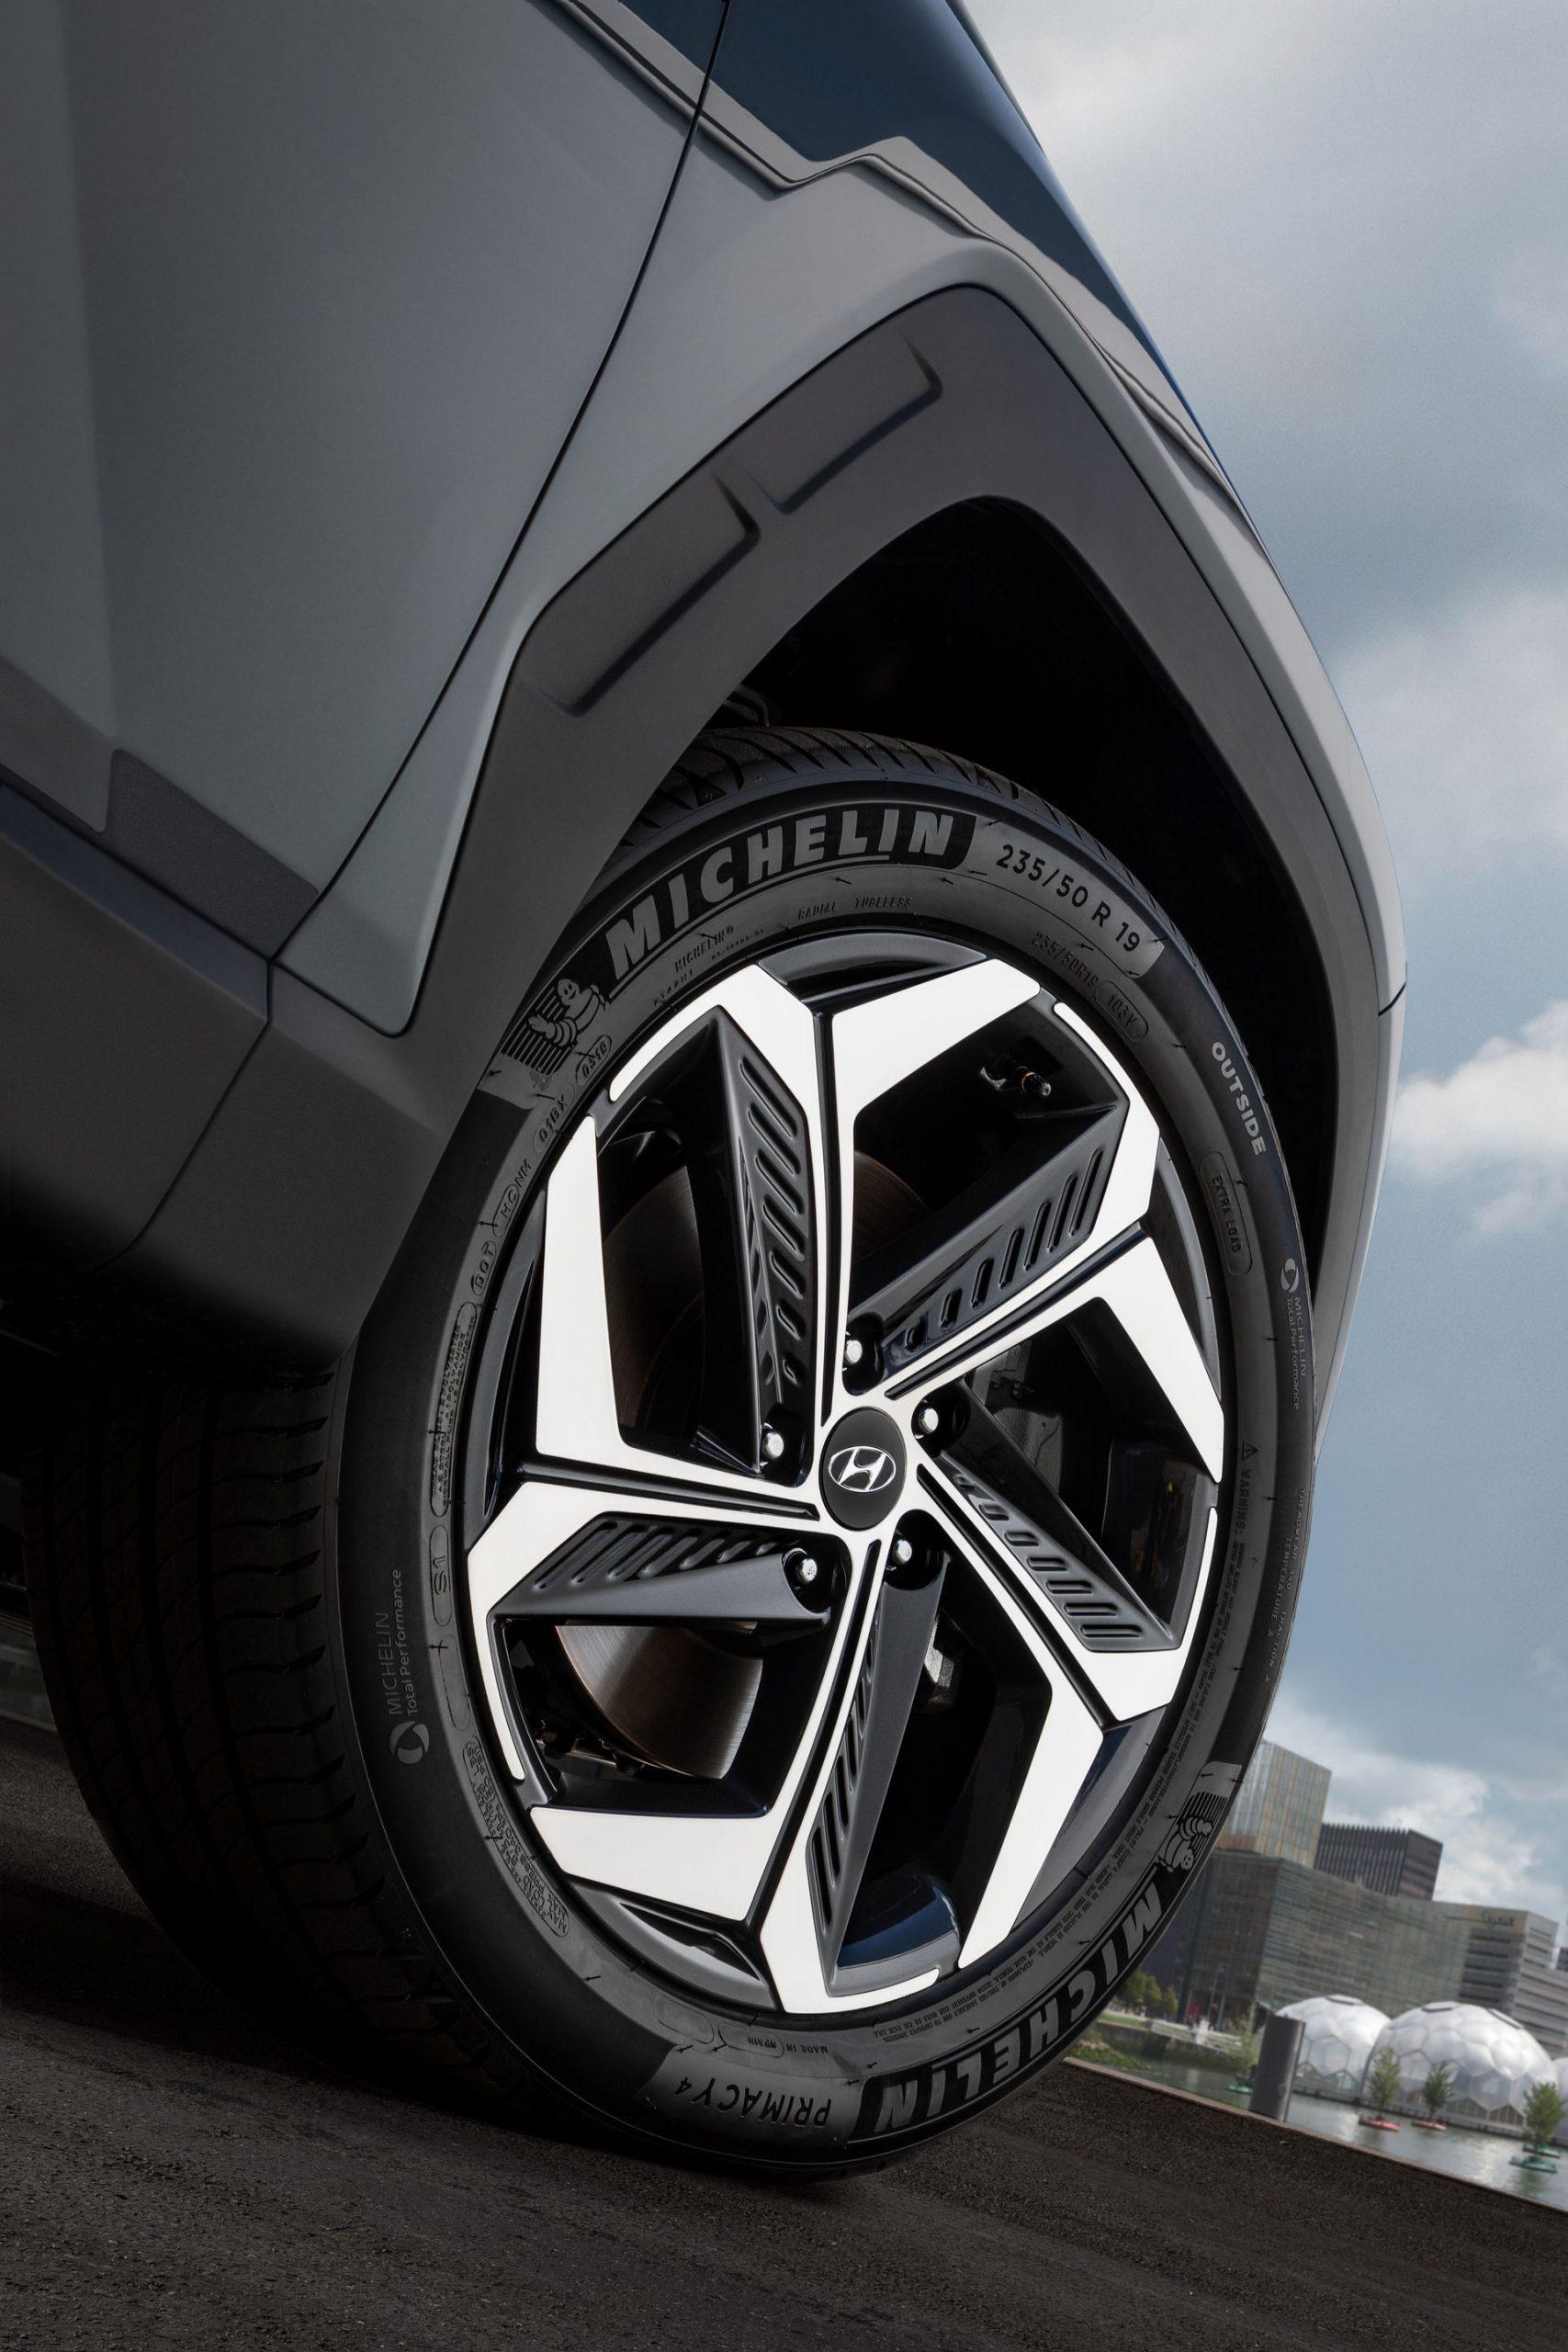 بالفيديو والصور.. انطلاق هيونداي توسان 2022 الجديدة كليًا رسميًا 2021-Hyundai-Tucson-14-scaled-1.jpg